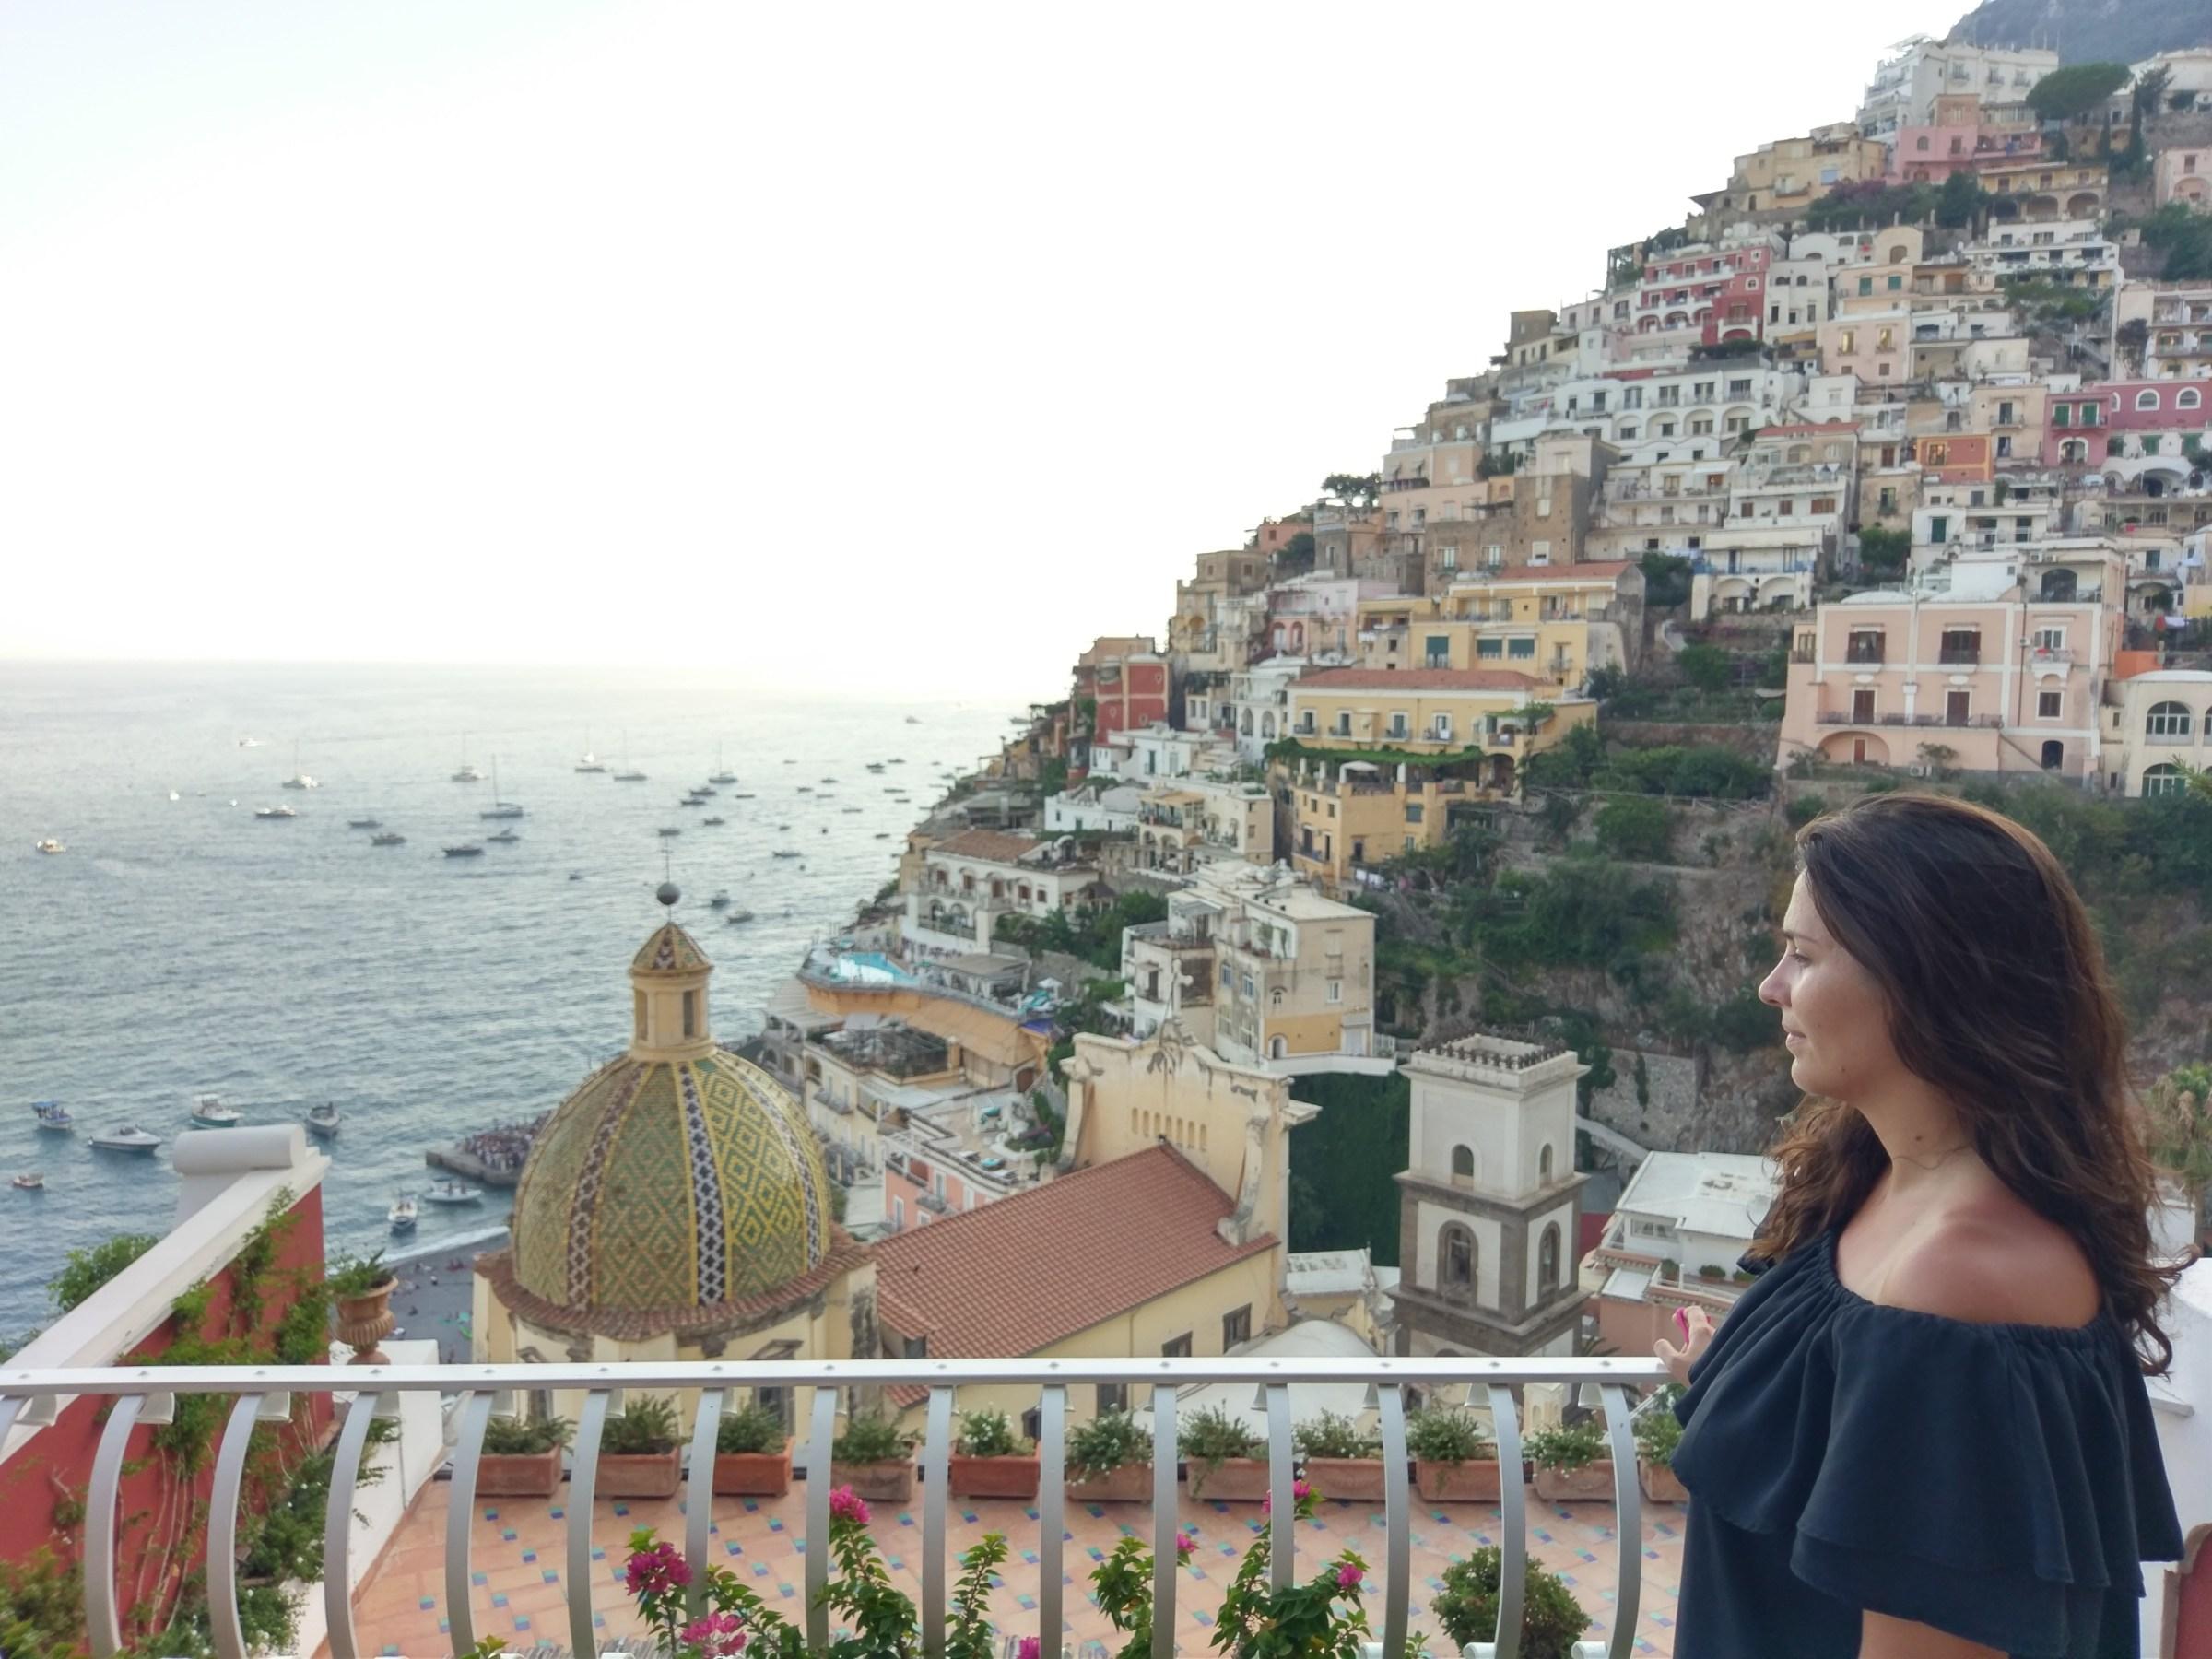 Što trebaš znati prije nego kreneš na super putovanje svijetom super putovanje putovati svijetom bloger travel avanture savjeti blogera put odmor put putujem